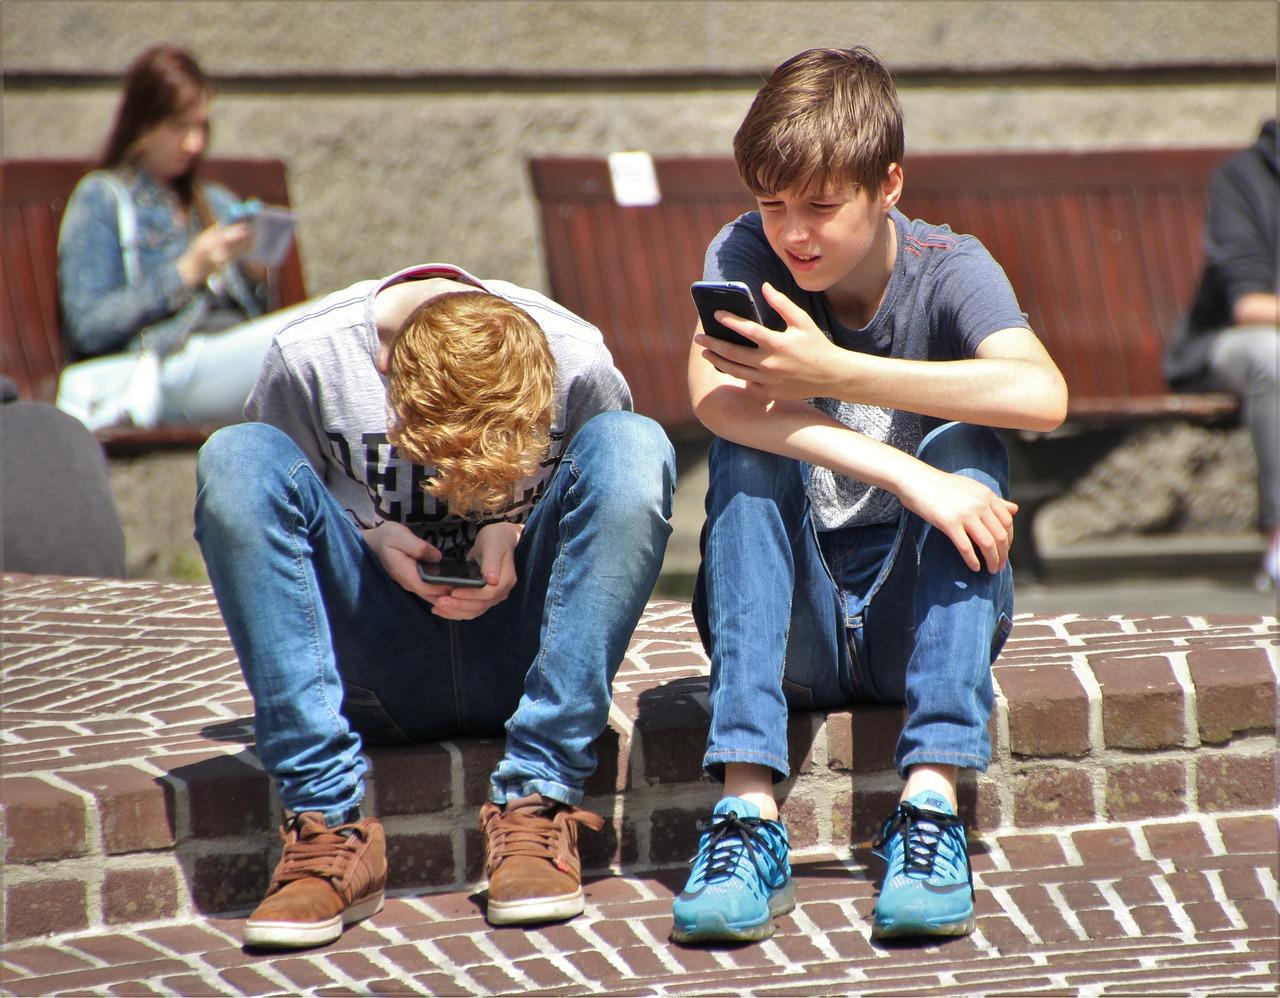 Українським школярам пропонують безкоштовні онлайн-курси англійської